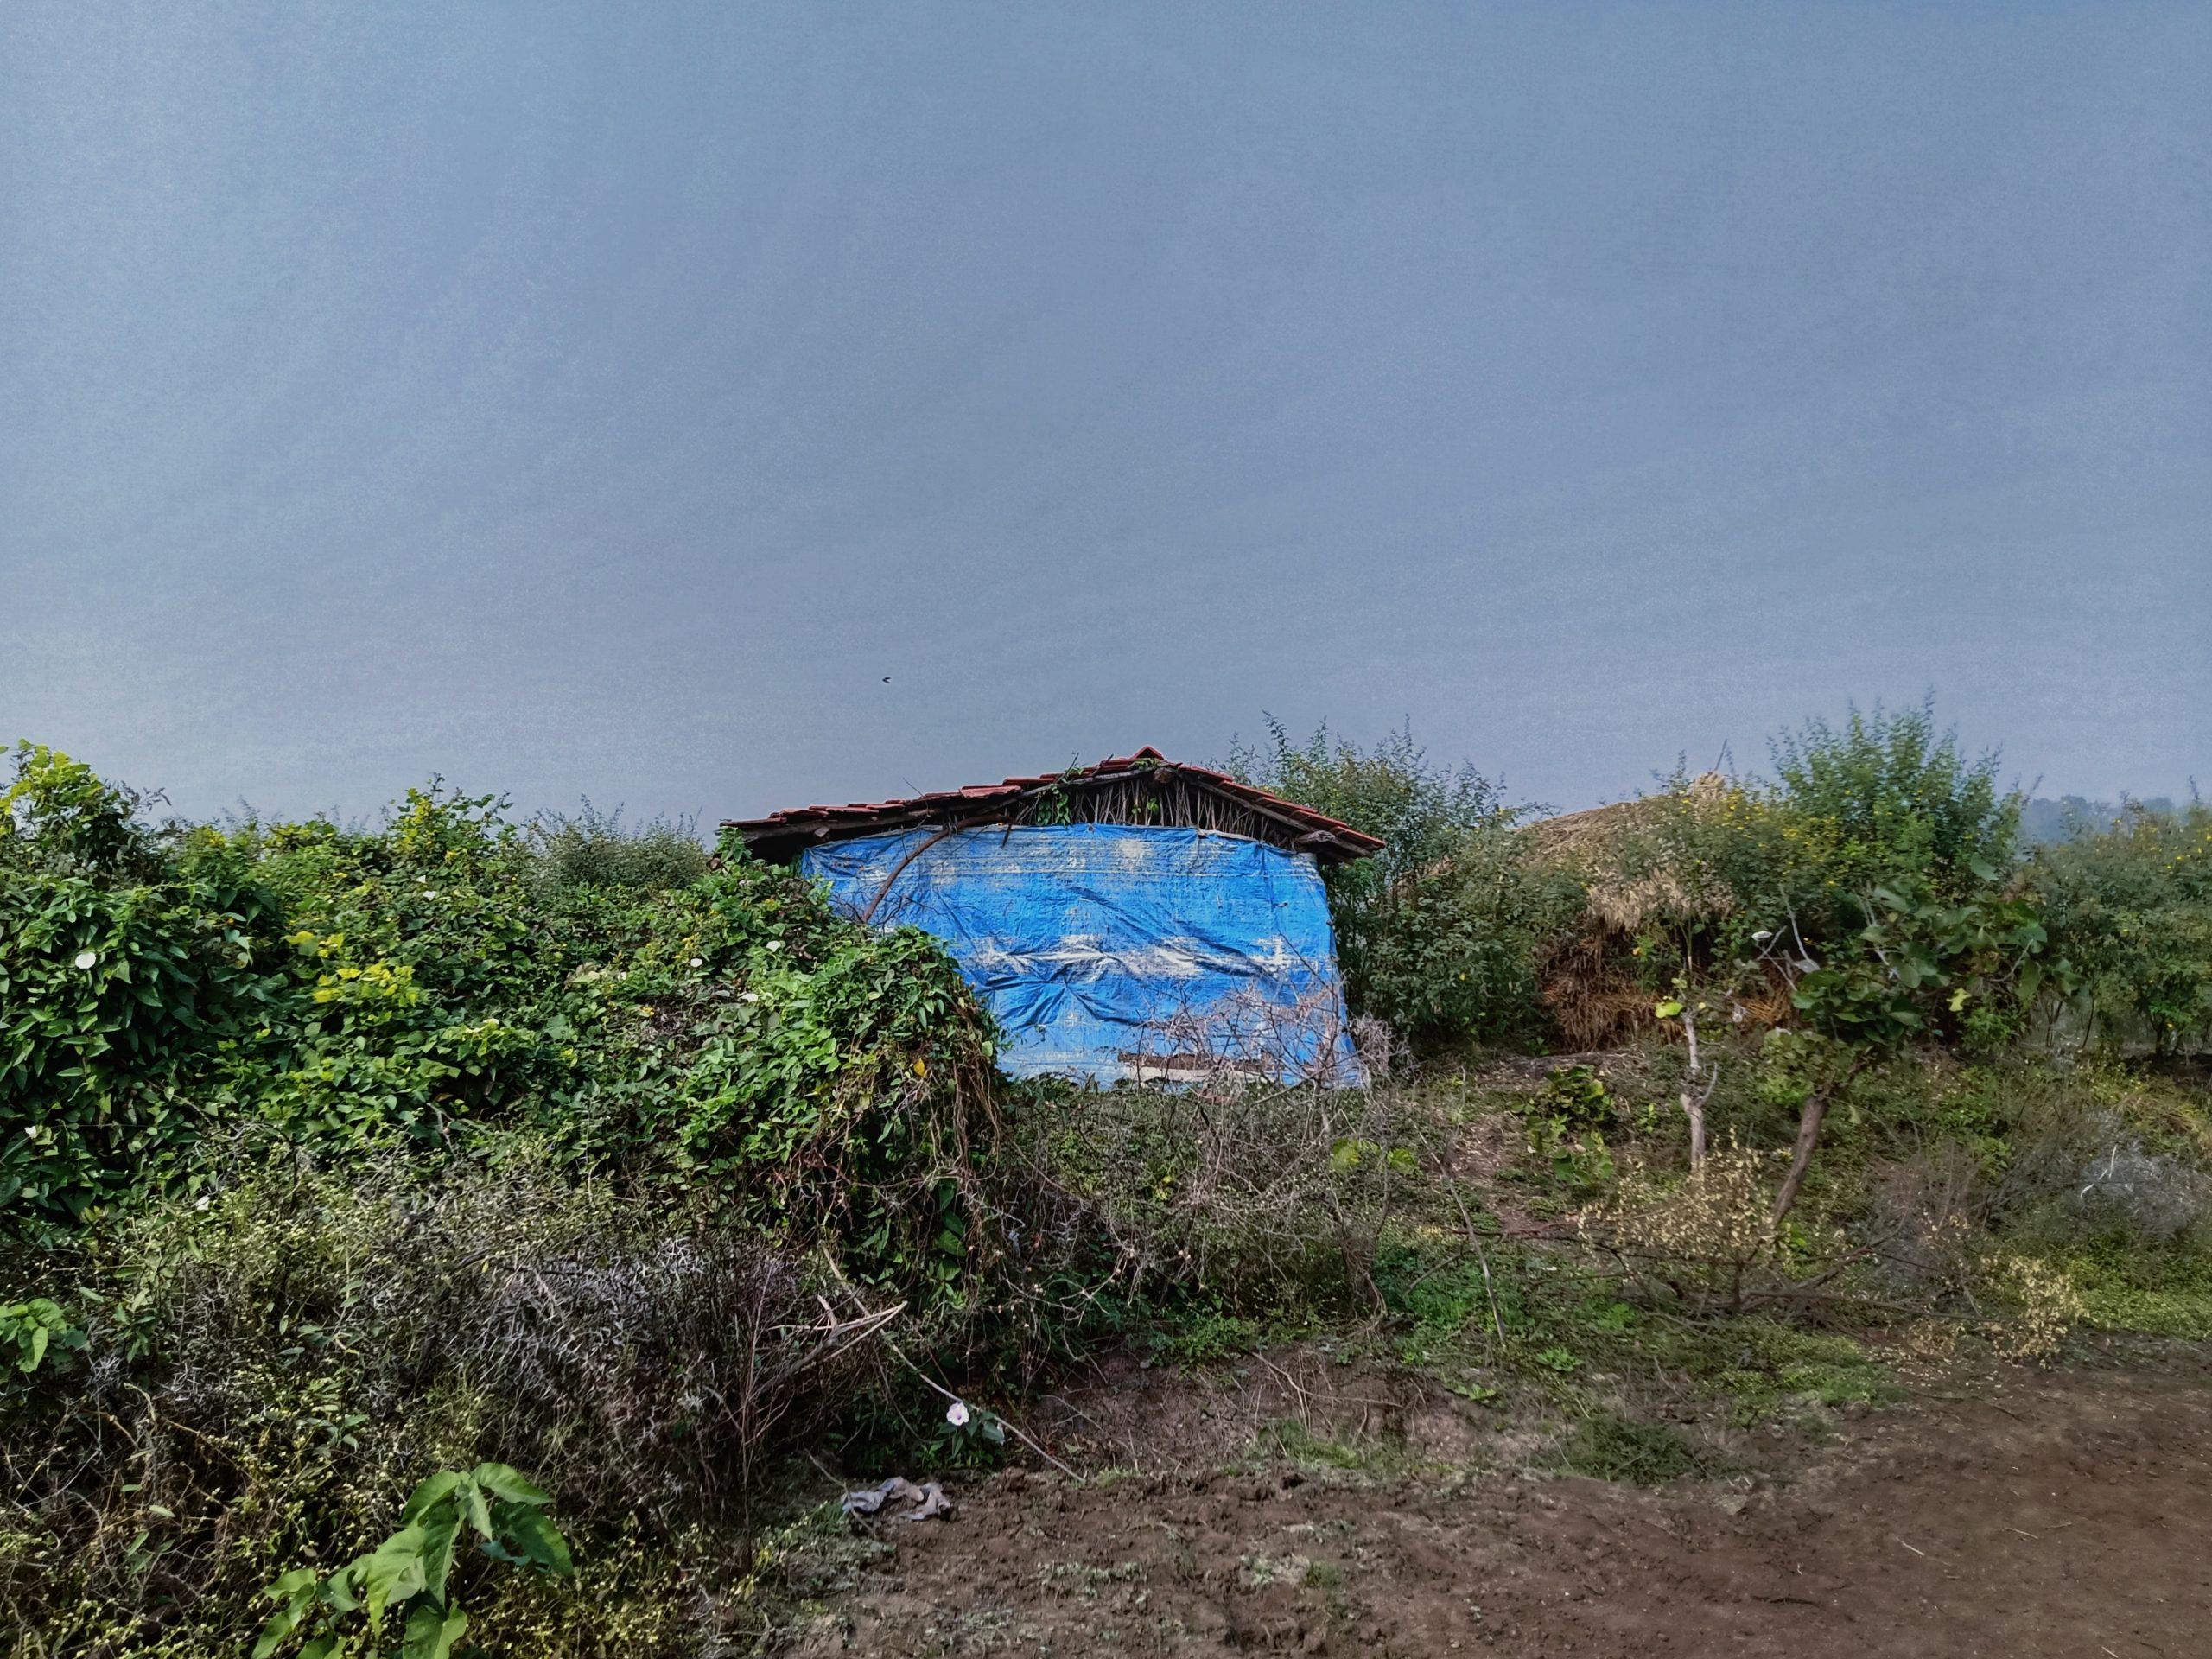 A hut in a jungle